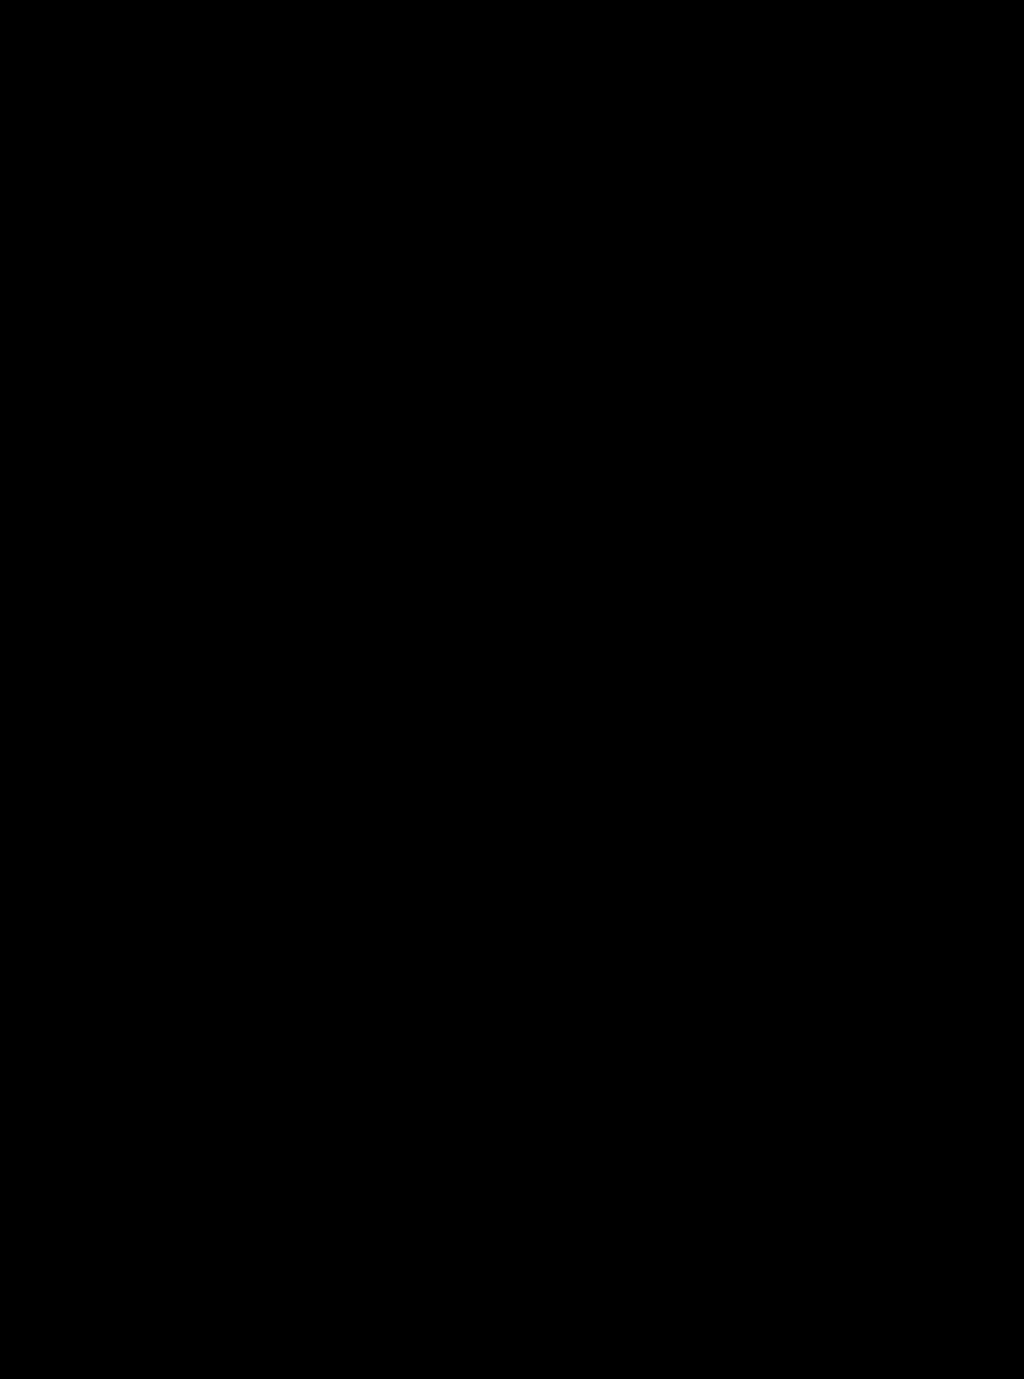 Le premier film de Romain Duris est déjà signé Cédric Klapisch. Il jouera ensuite dans 7 films du cinéaste parisien